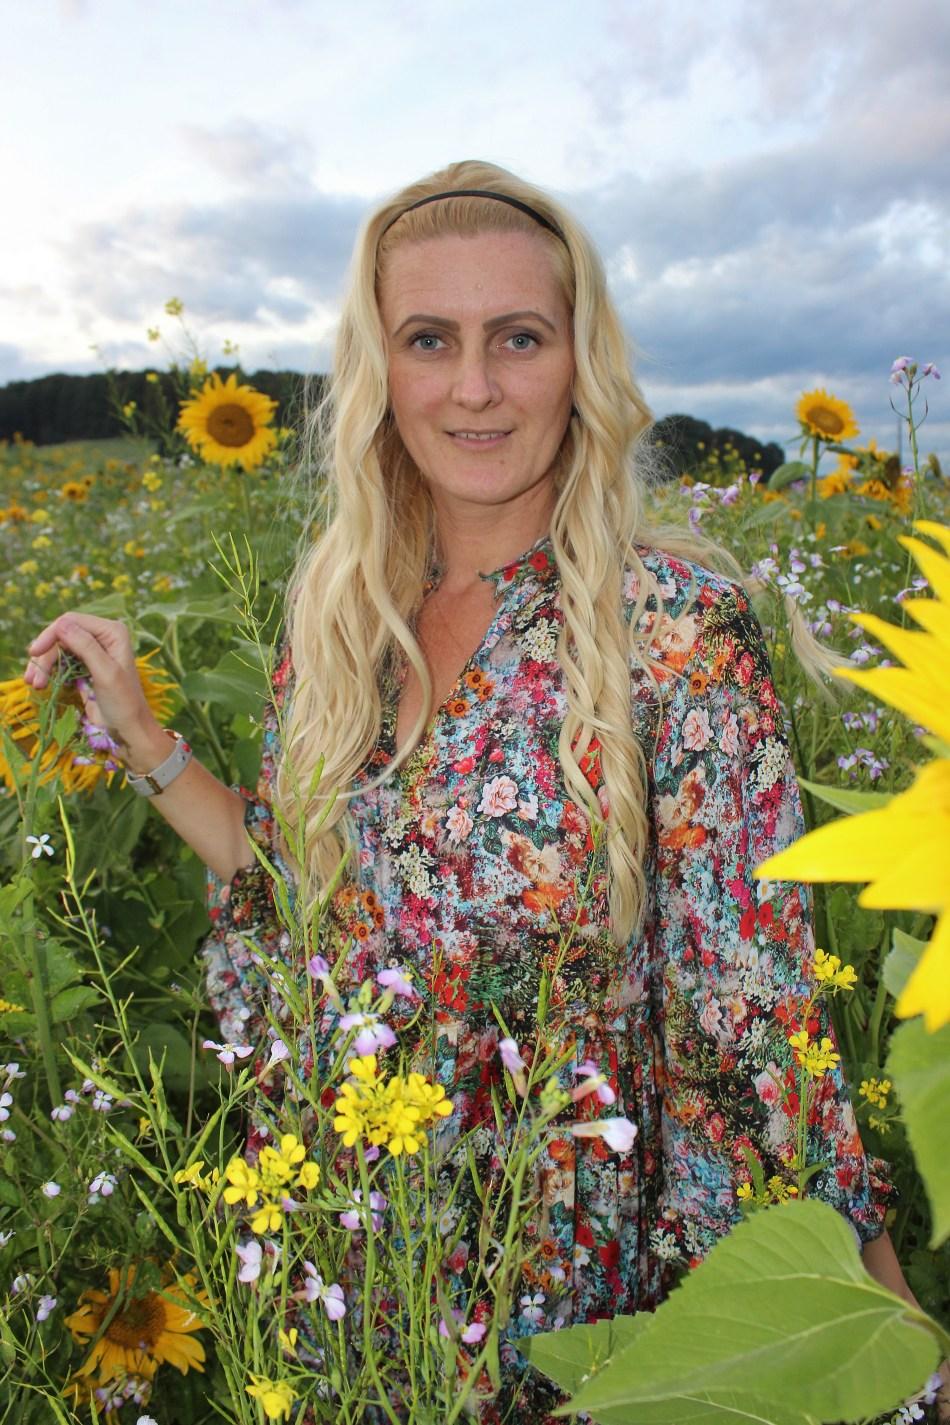 Geburt-Kaiserschnitt-Schmerzen-Mamablog-carrieslifestyle-Tamara-Prutsch